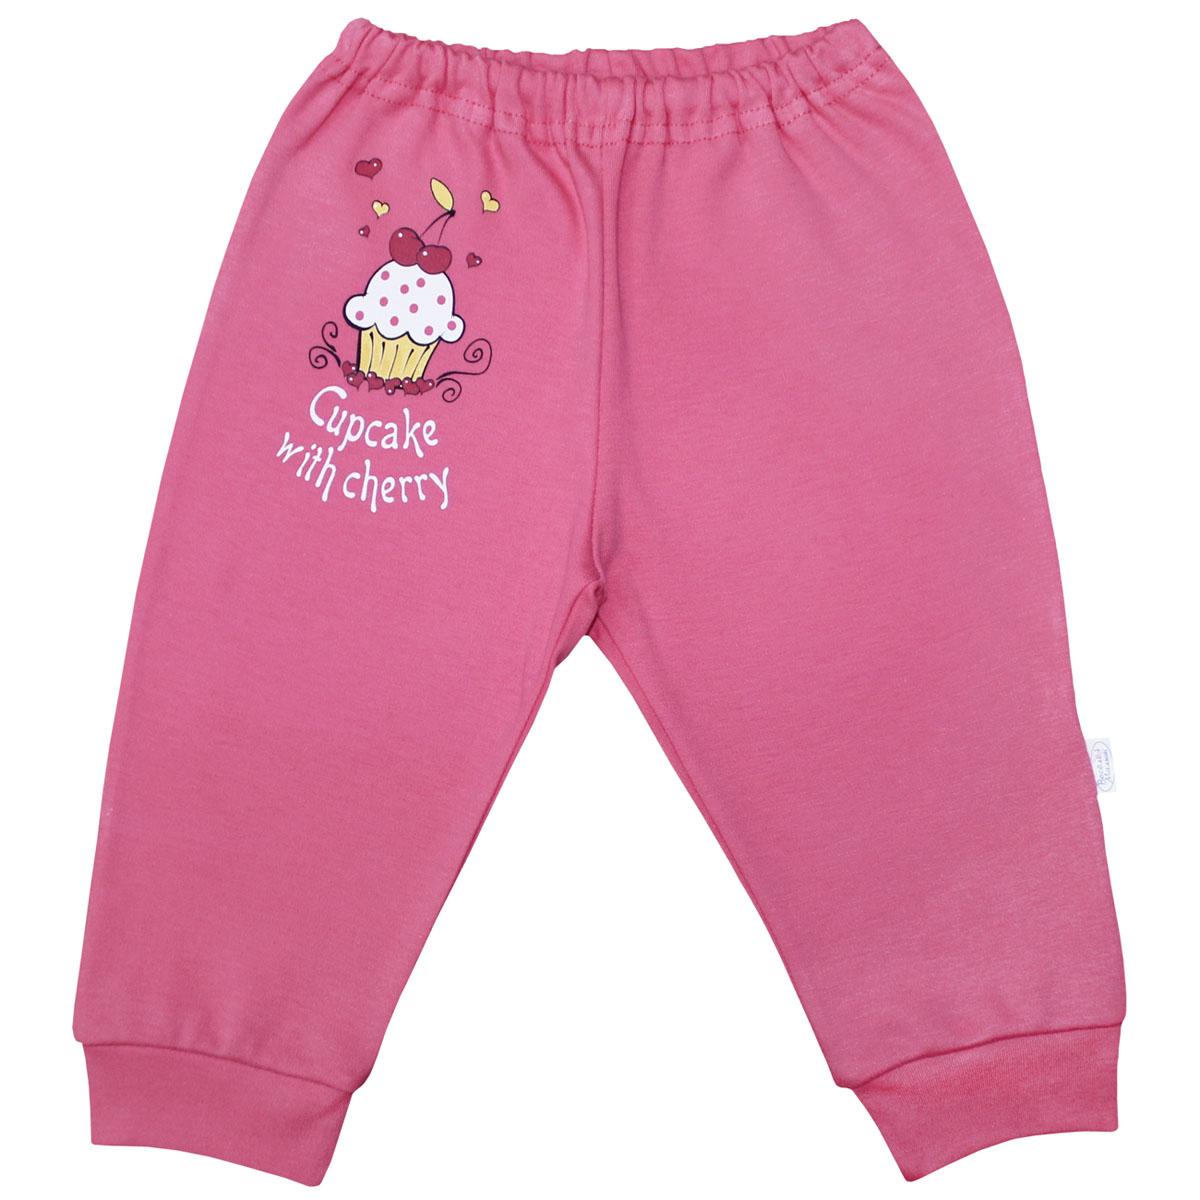 Штанишки для девочки Веселый малыш Спелая вишня, цвет: розовый. 33320/св-E (1). Размер 80 брюки джинсы и штанишки веселый малыш штанишки спелая вишня 33320